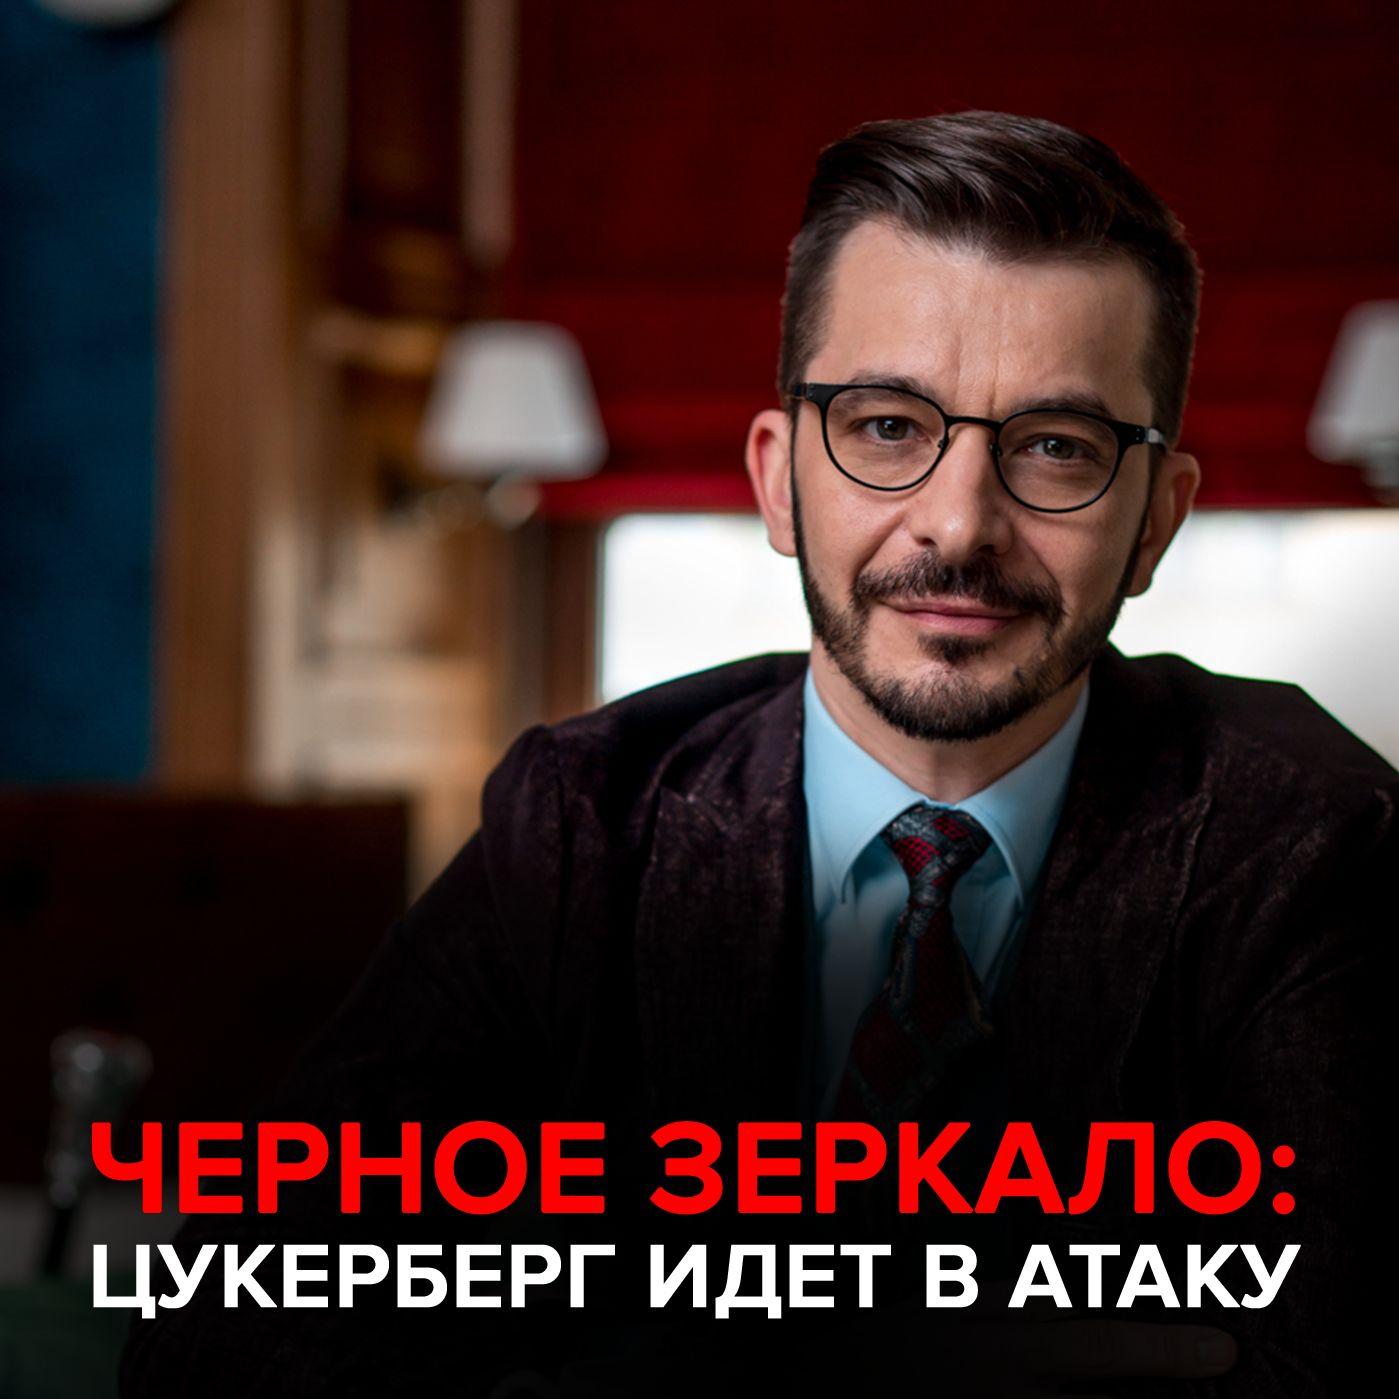 Цукерберг идет в атаку! Черное зеркало с Андреем Курпатовым